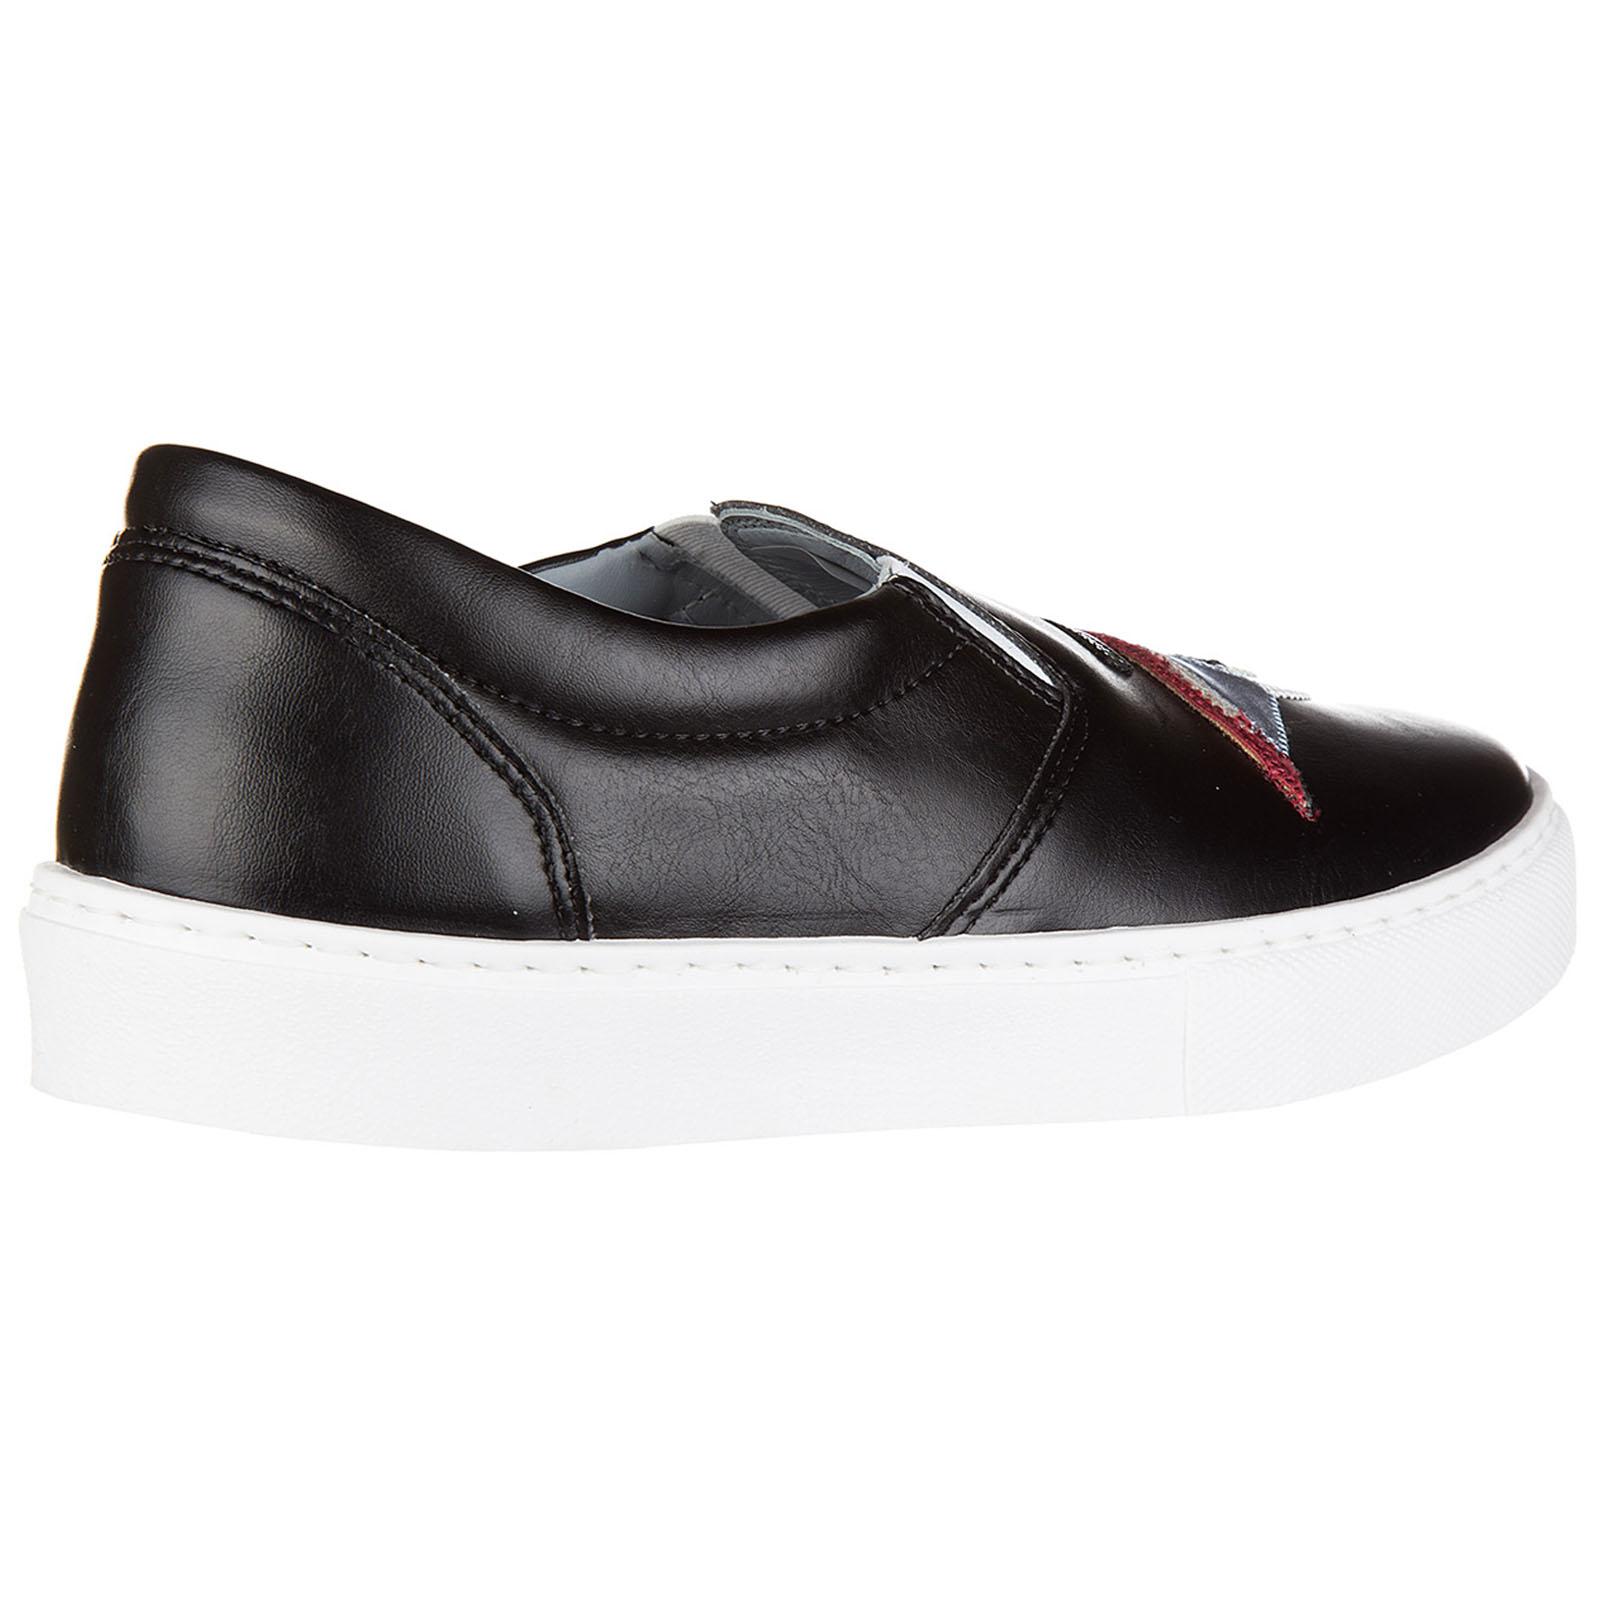 Women's leather slip on sneakers  flirting